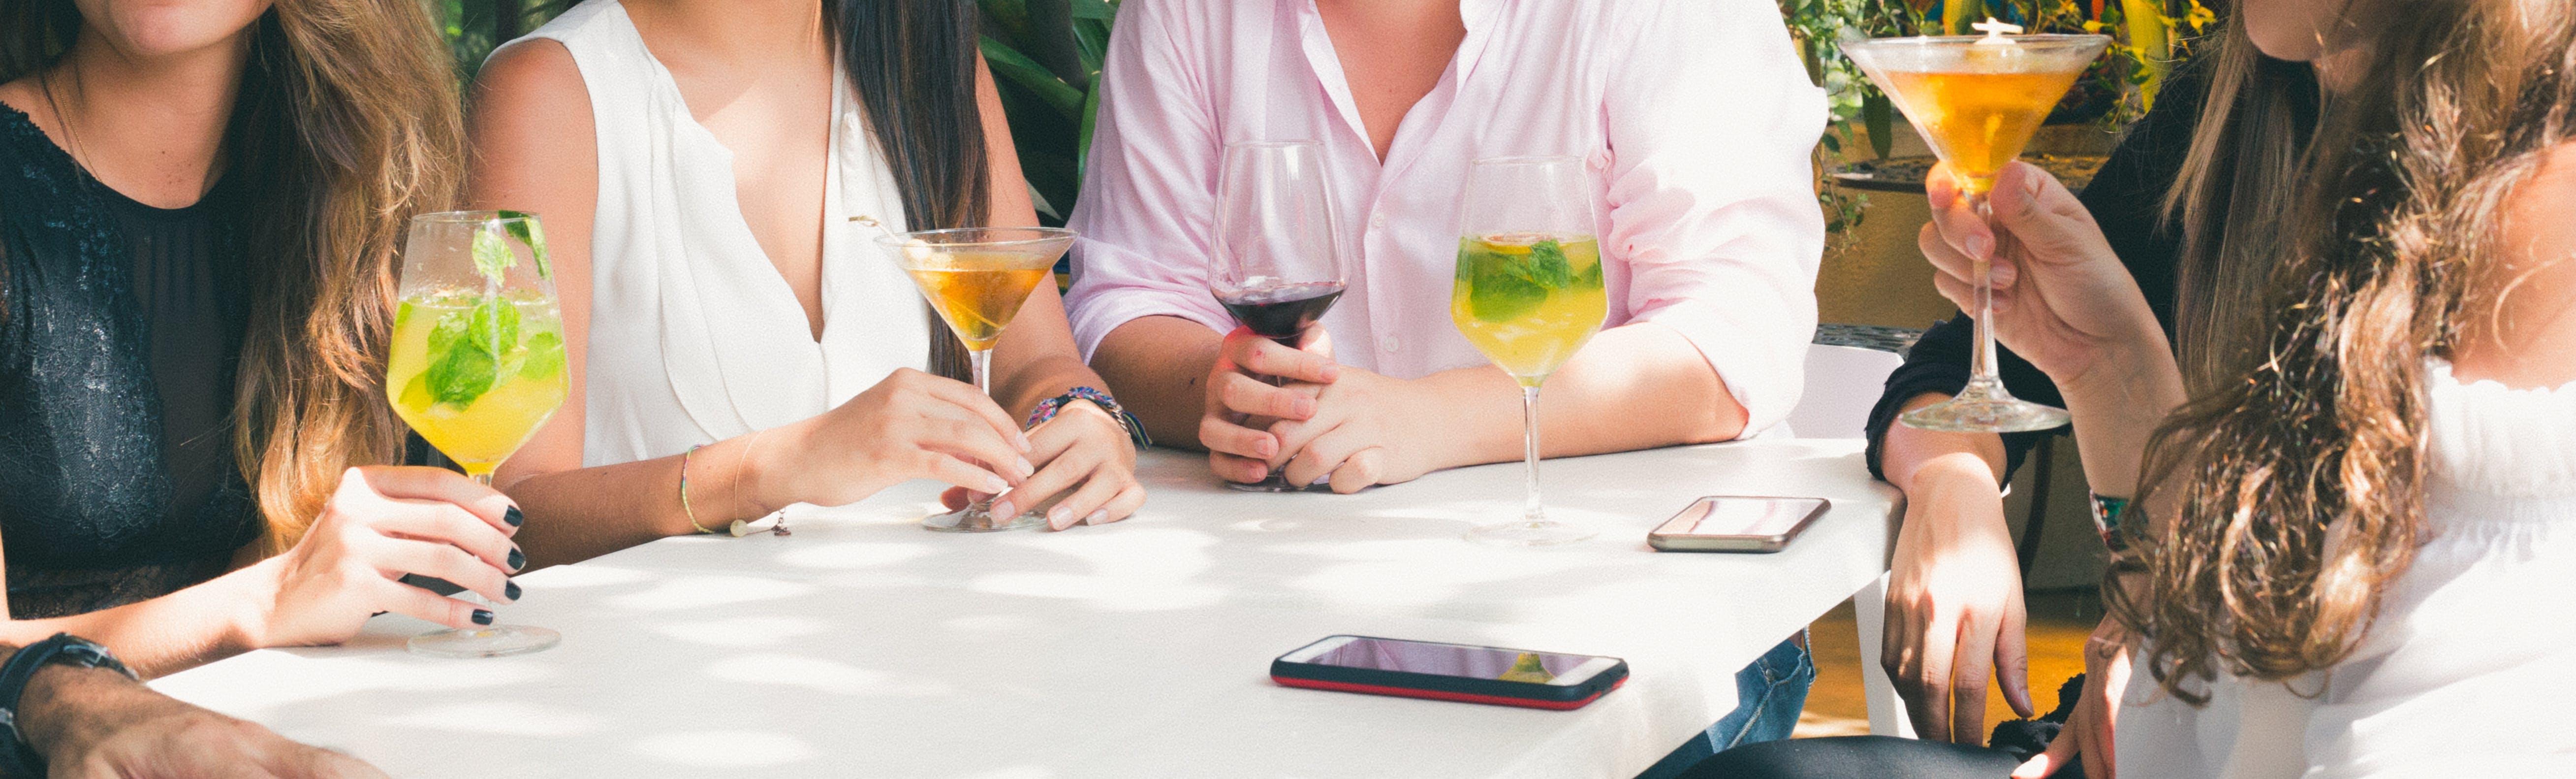 Kostenloses Stock Foto zu alkohol, cocktailglas, drinnen, frauen